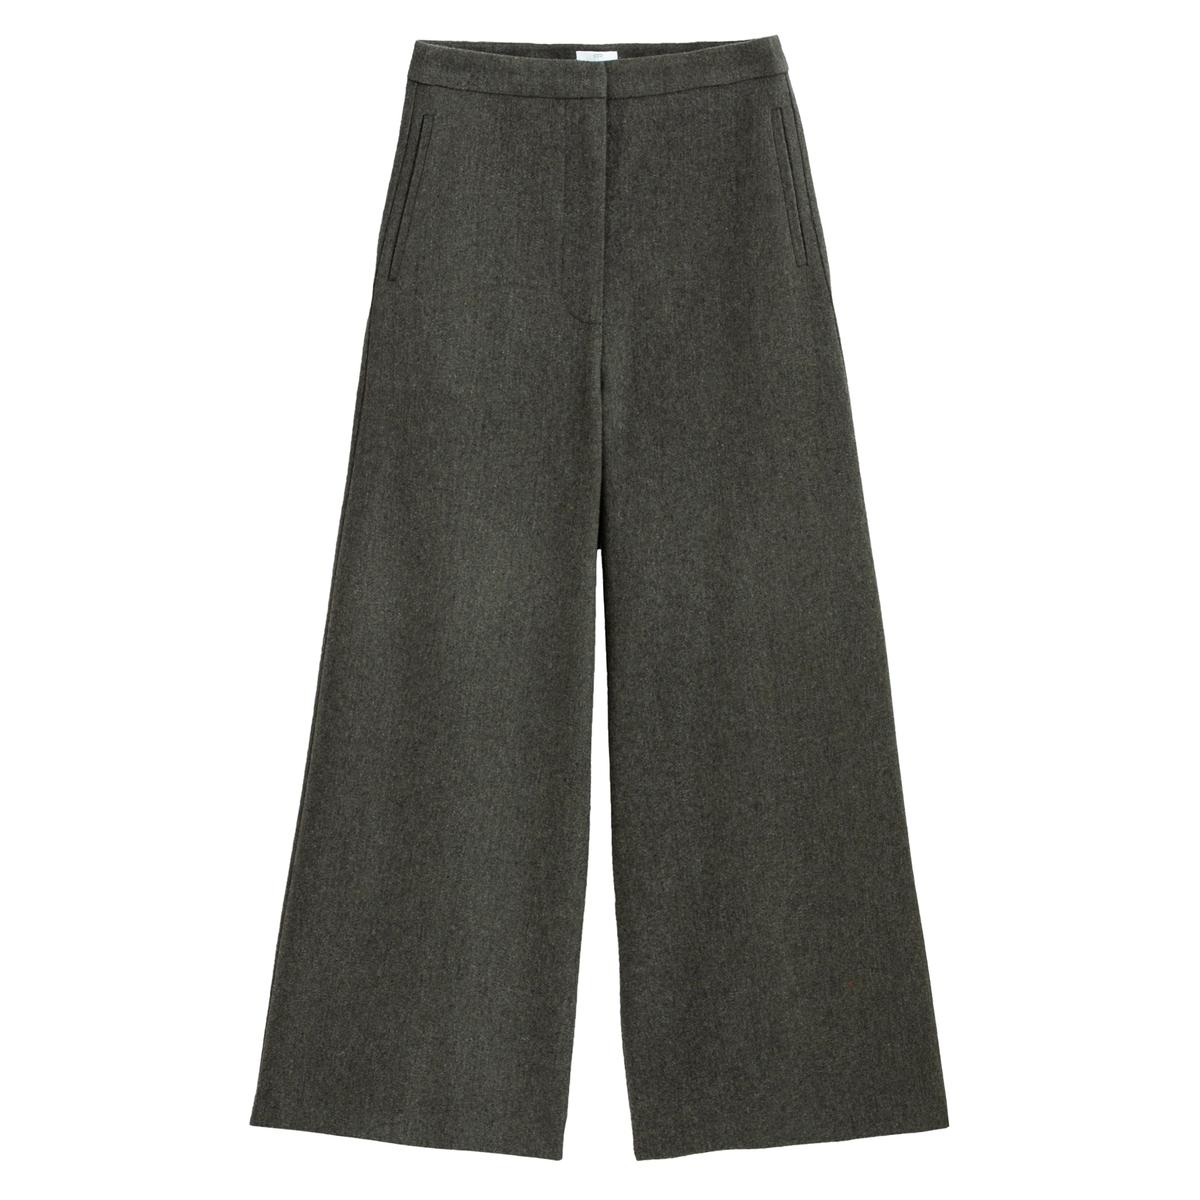 Pantalón ancho de lana mezclada